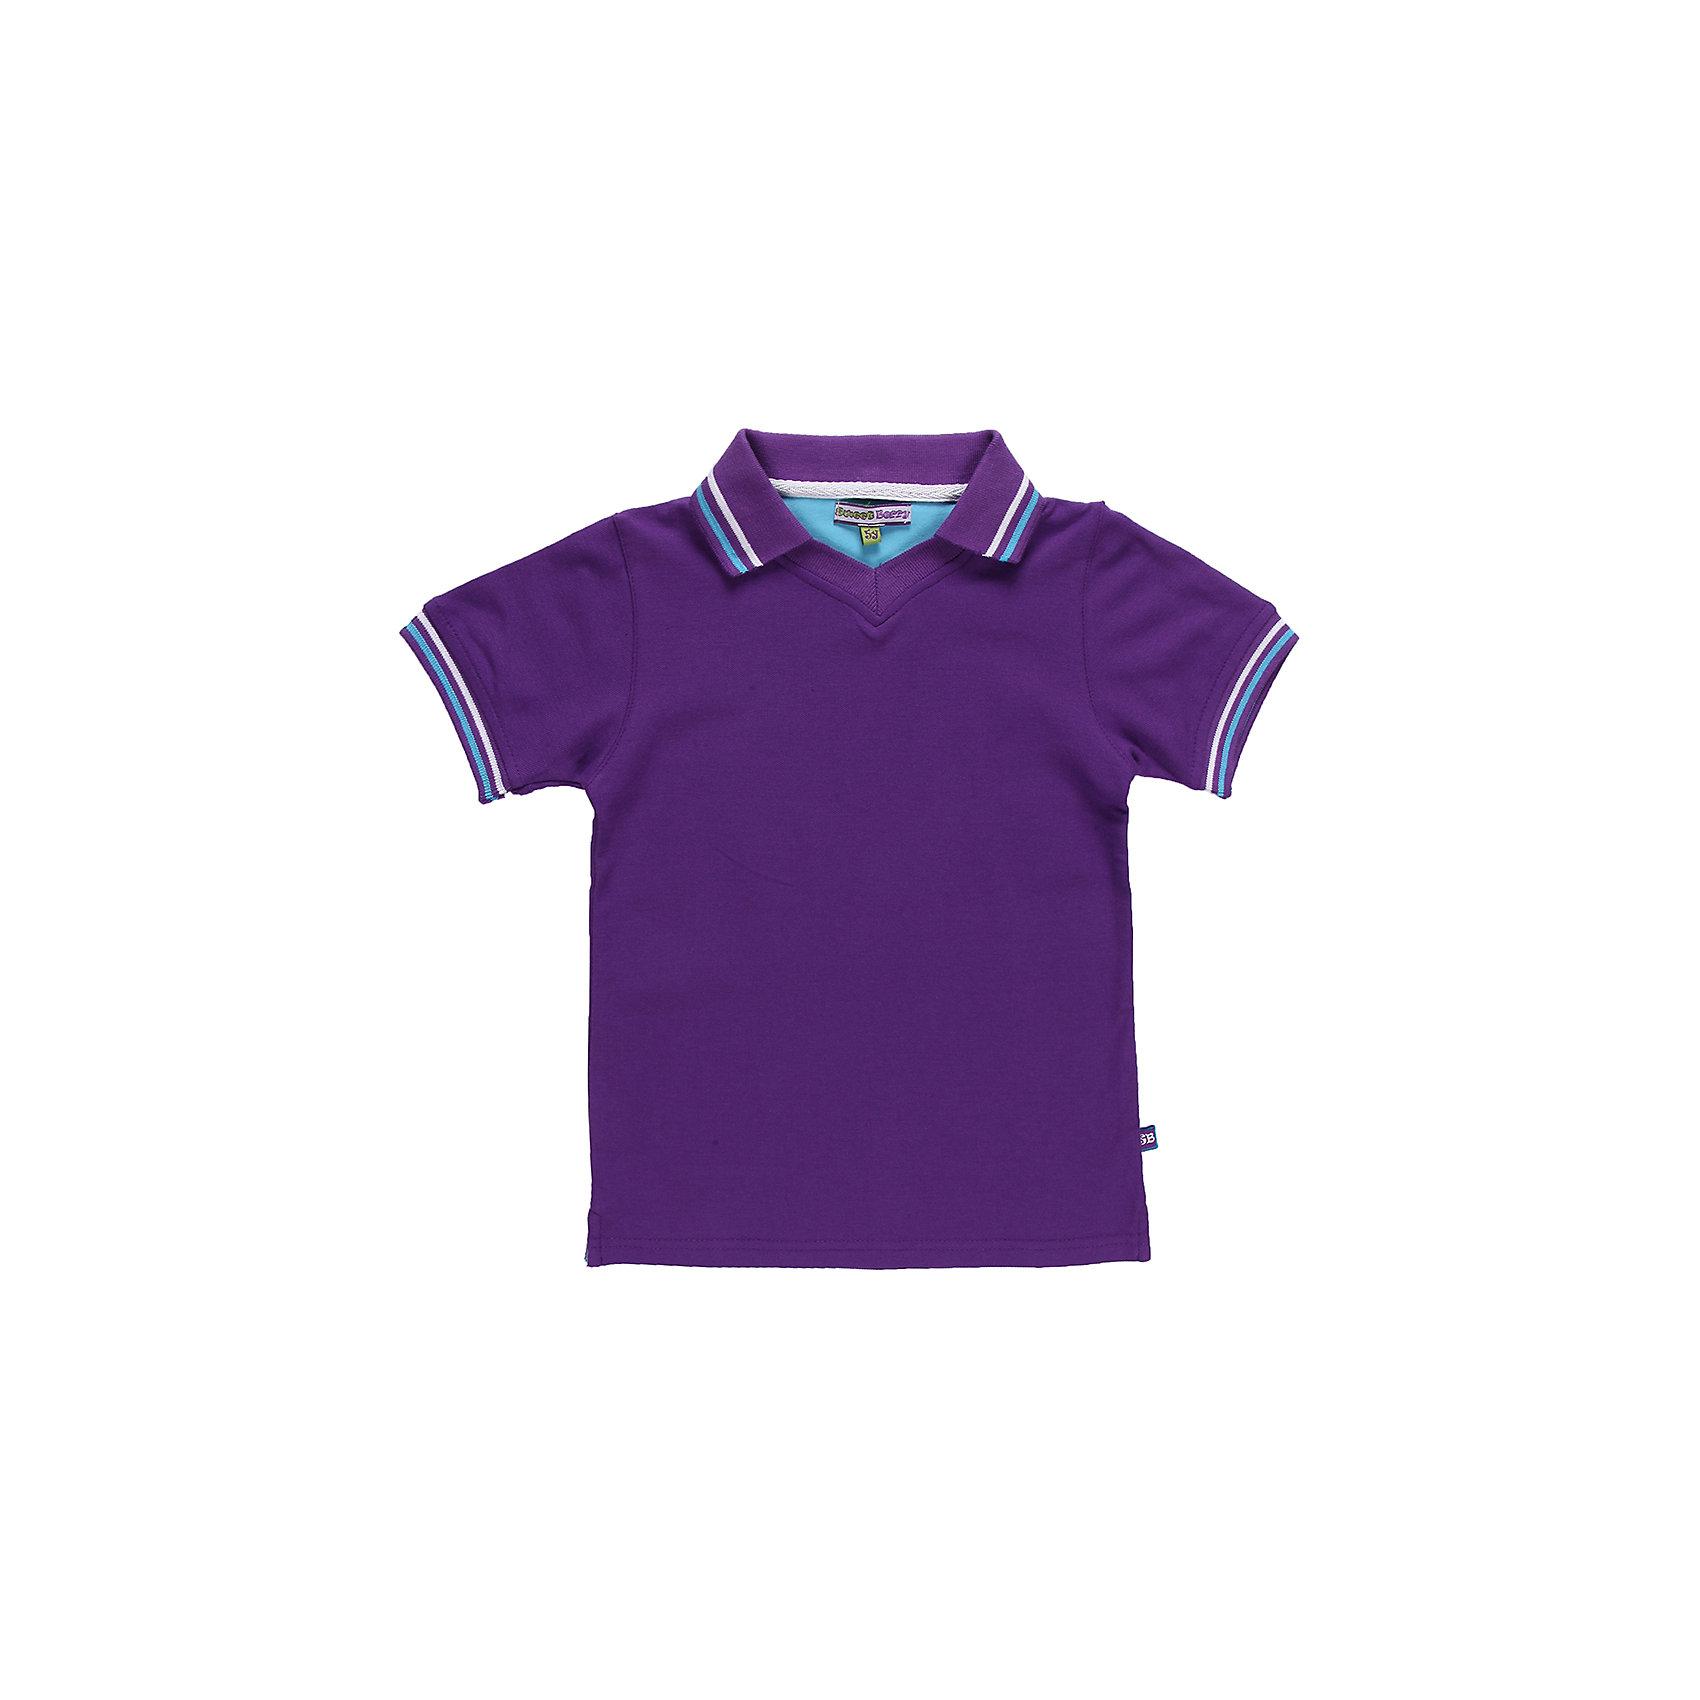 Футболка-поло для мальчика Sweet BerryЯркая футболка-поло красивого цвета для мальчика. По низу рукавов трикотажные манжеты.<br>Состав:<br>95% хлопок 5% эластан<br><br>Ширина мм: 199<br>Глубина мм: 10<br>Высота мм: 161<br>Вес г: 151<br>Цвет: фиолетовый<br>Возраст от месяцев: 24<br>Возраст до месяцев: 36<br>Пол: Мужской<br>Возраст: Детский<br>Размер: 98,104,128,122,116,110<br>SKU: 4523027